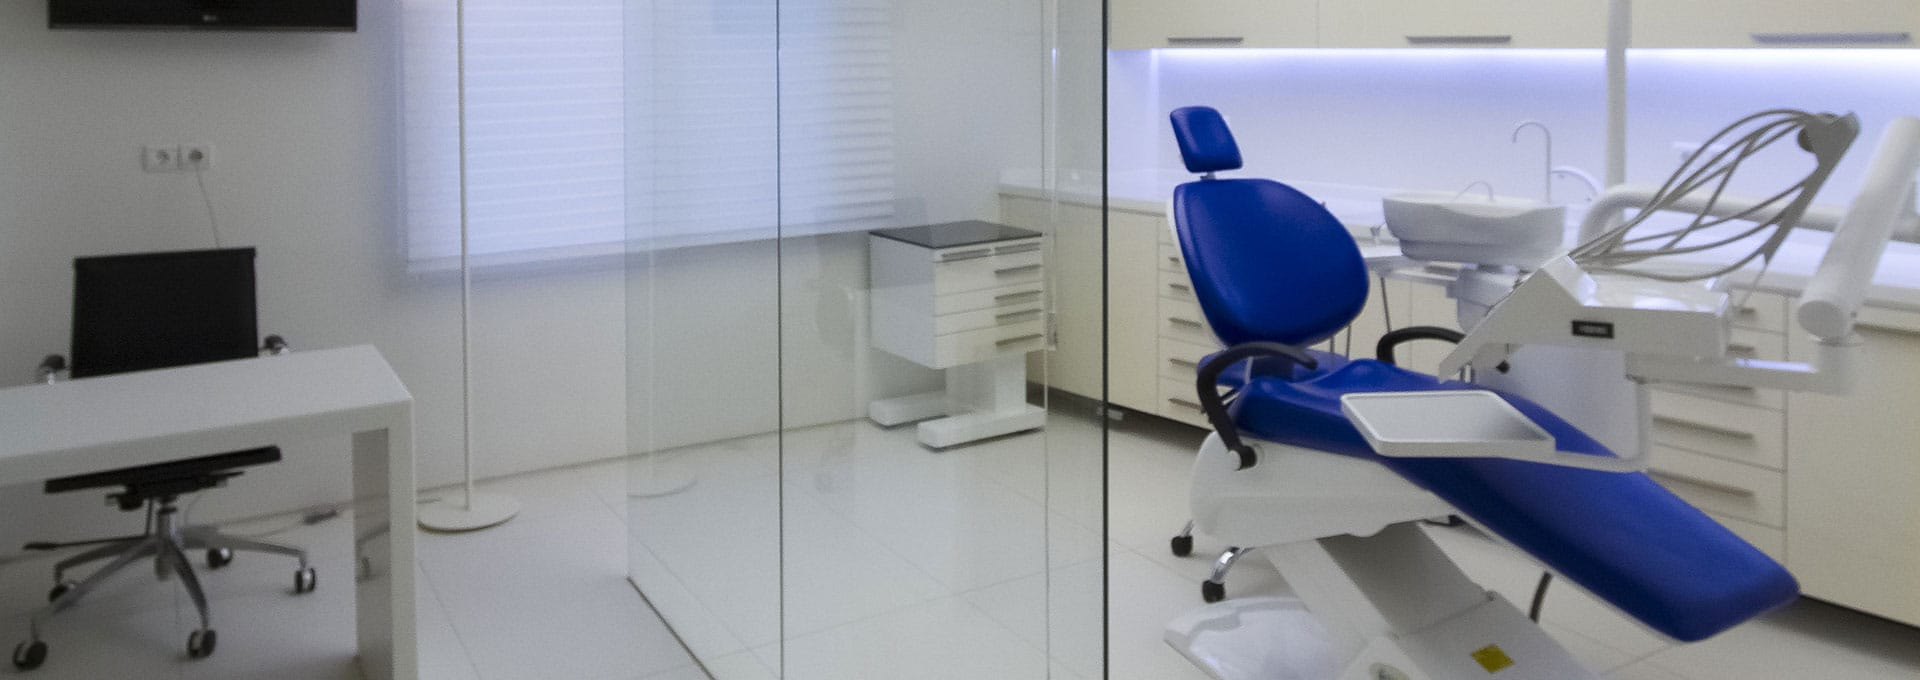 تجهیزات دندانپزشکی مدرن